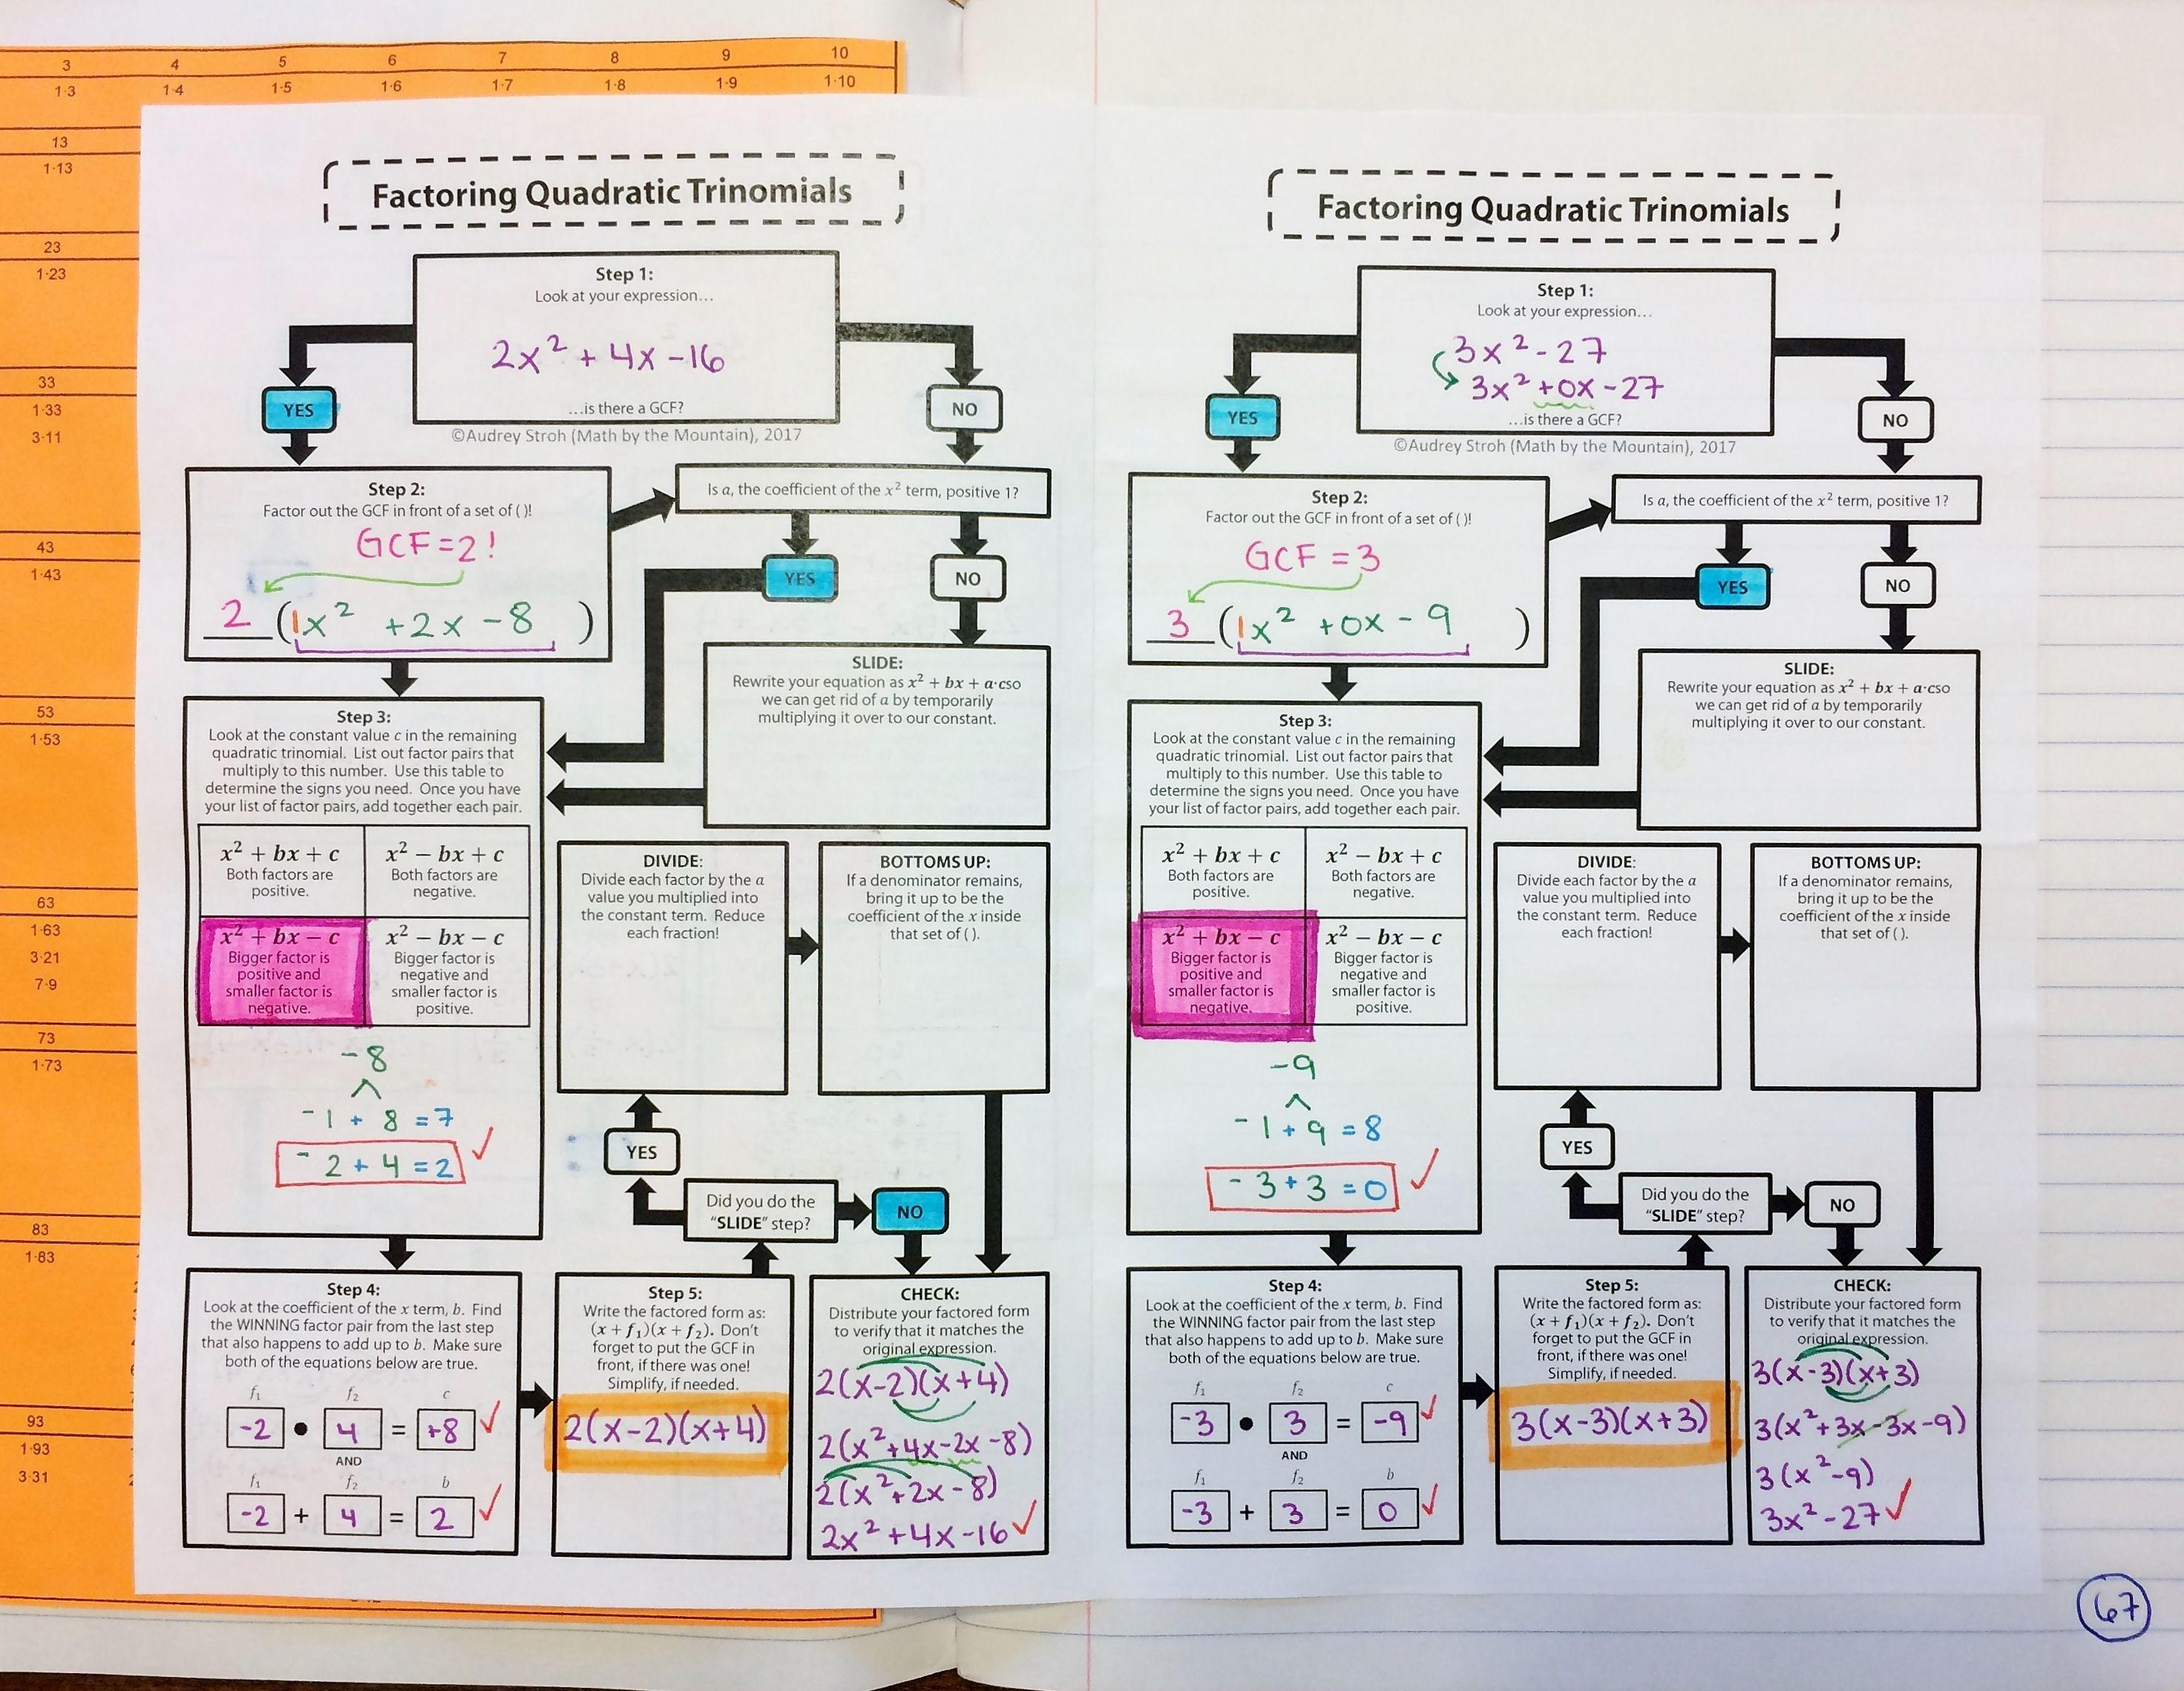 Factoring Quadratic Trinomials Flowchart Graphic Organizer Quadratics Graphic Organizers Algebra Resources [ 2279 x 2943 Pixel ]